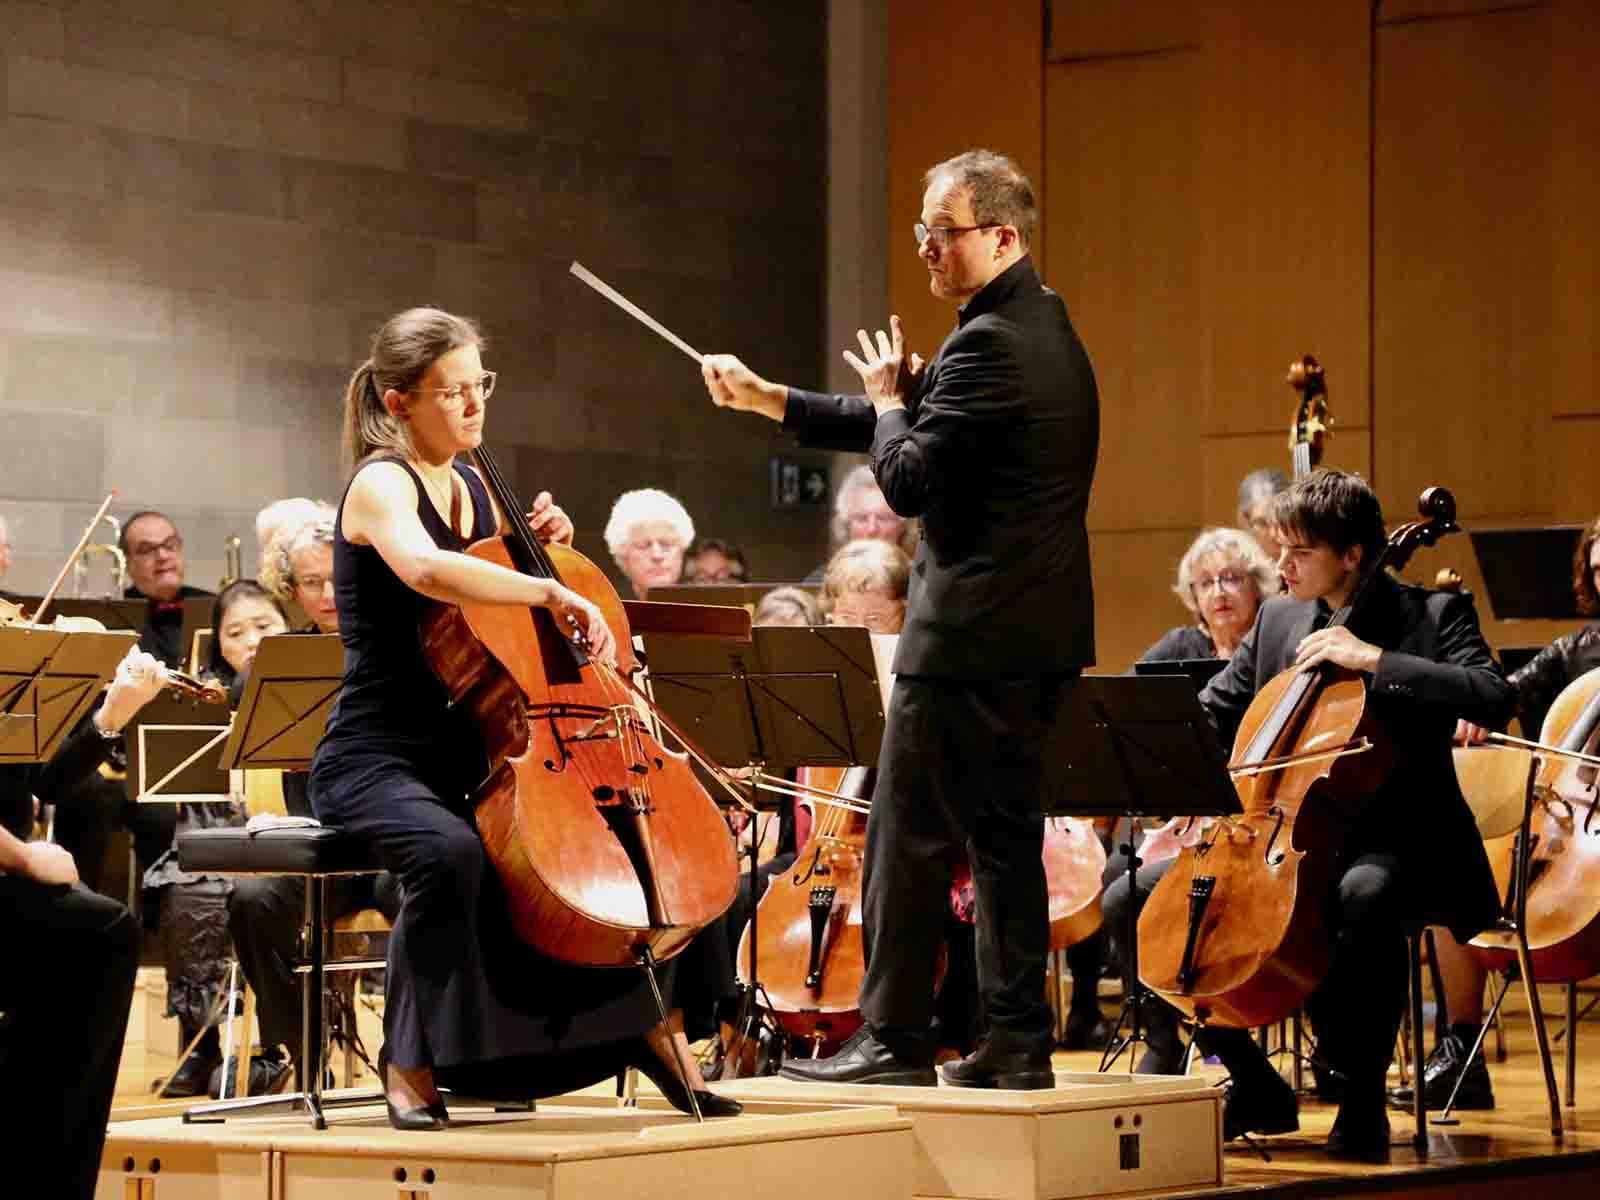 Die Winterthurer Cellistin Julia Pfenninger glänzte in Dvořáks Cello-Konzert mit der Sinfonietta Höngg.